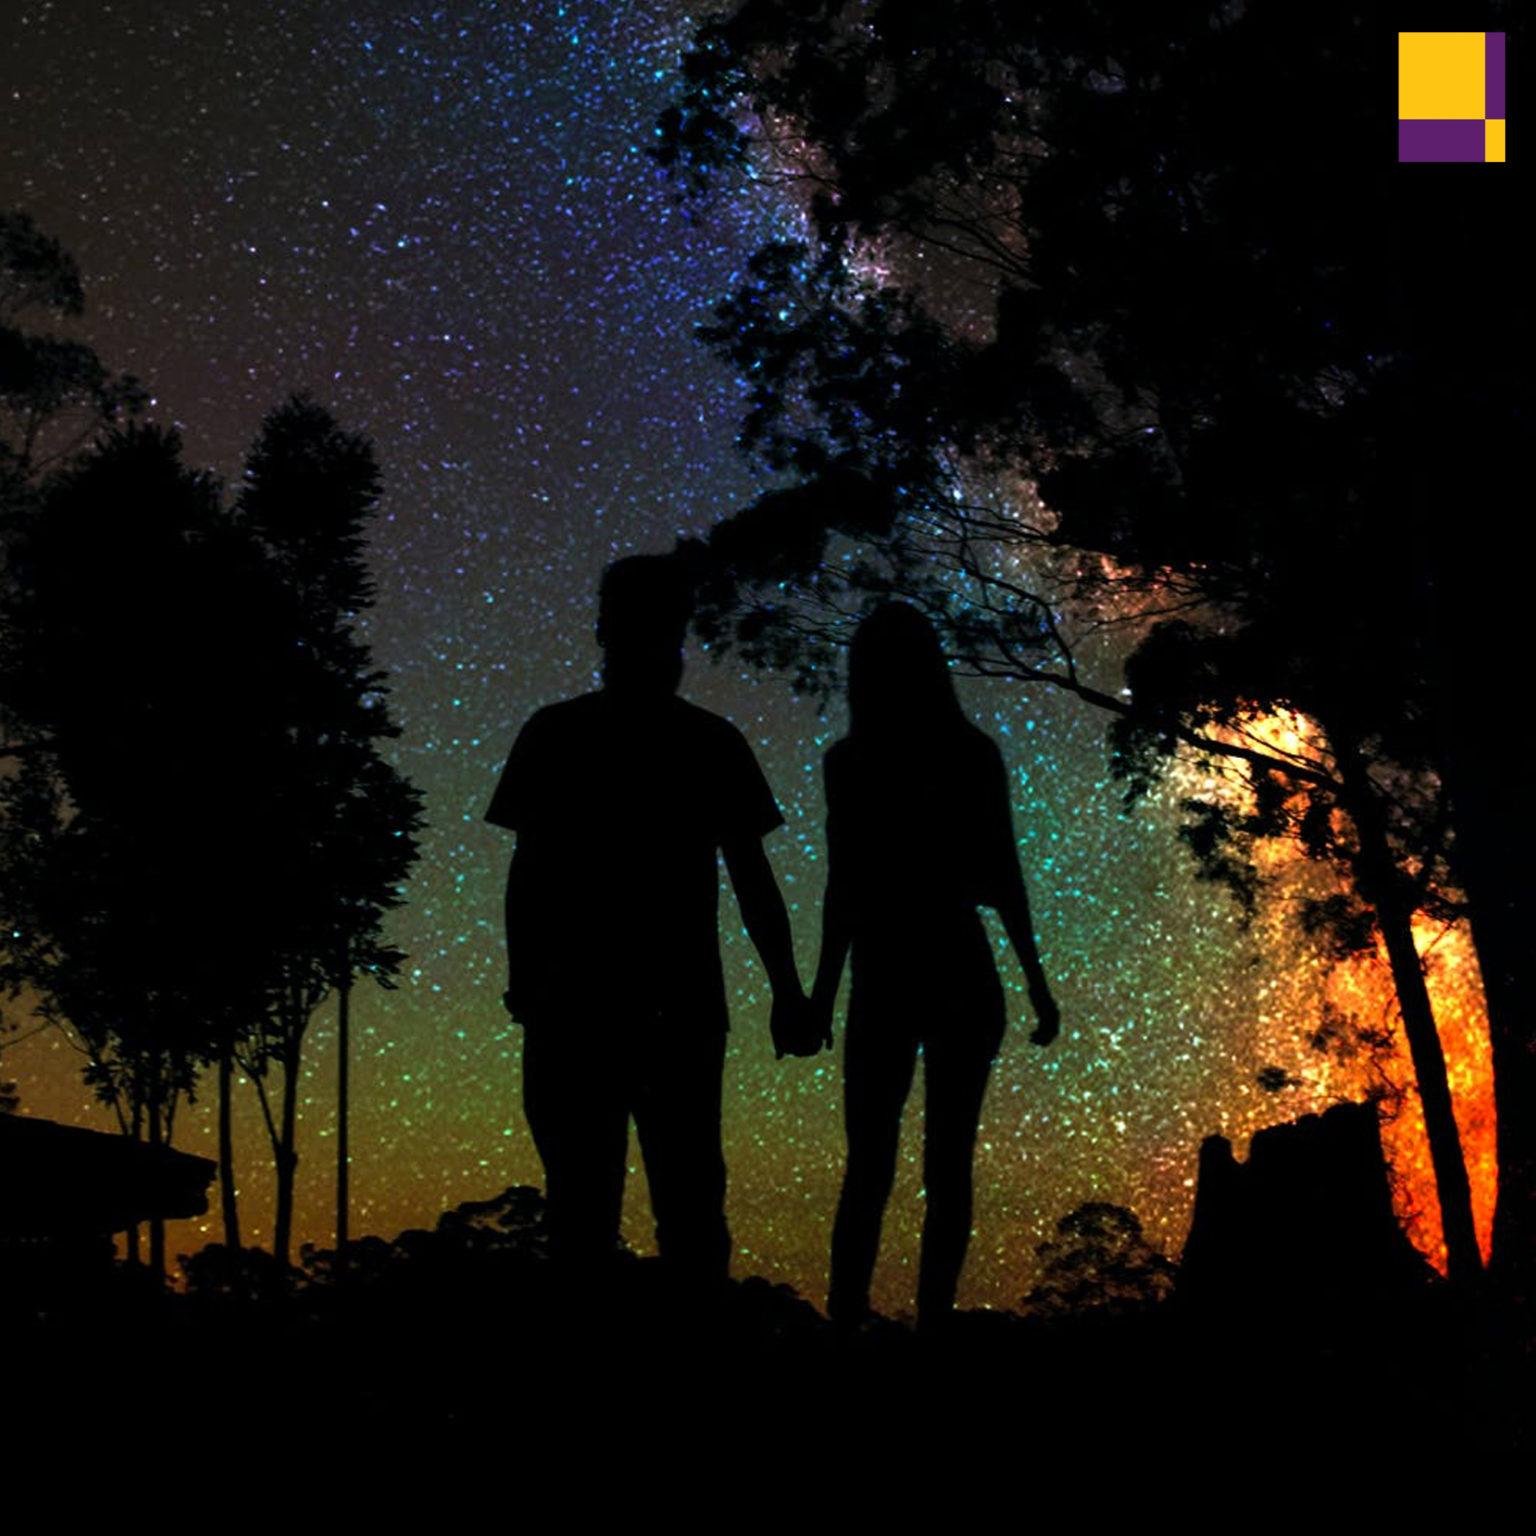 astrologia e relacionamentos